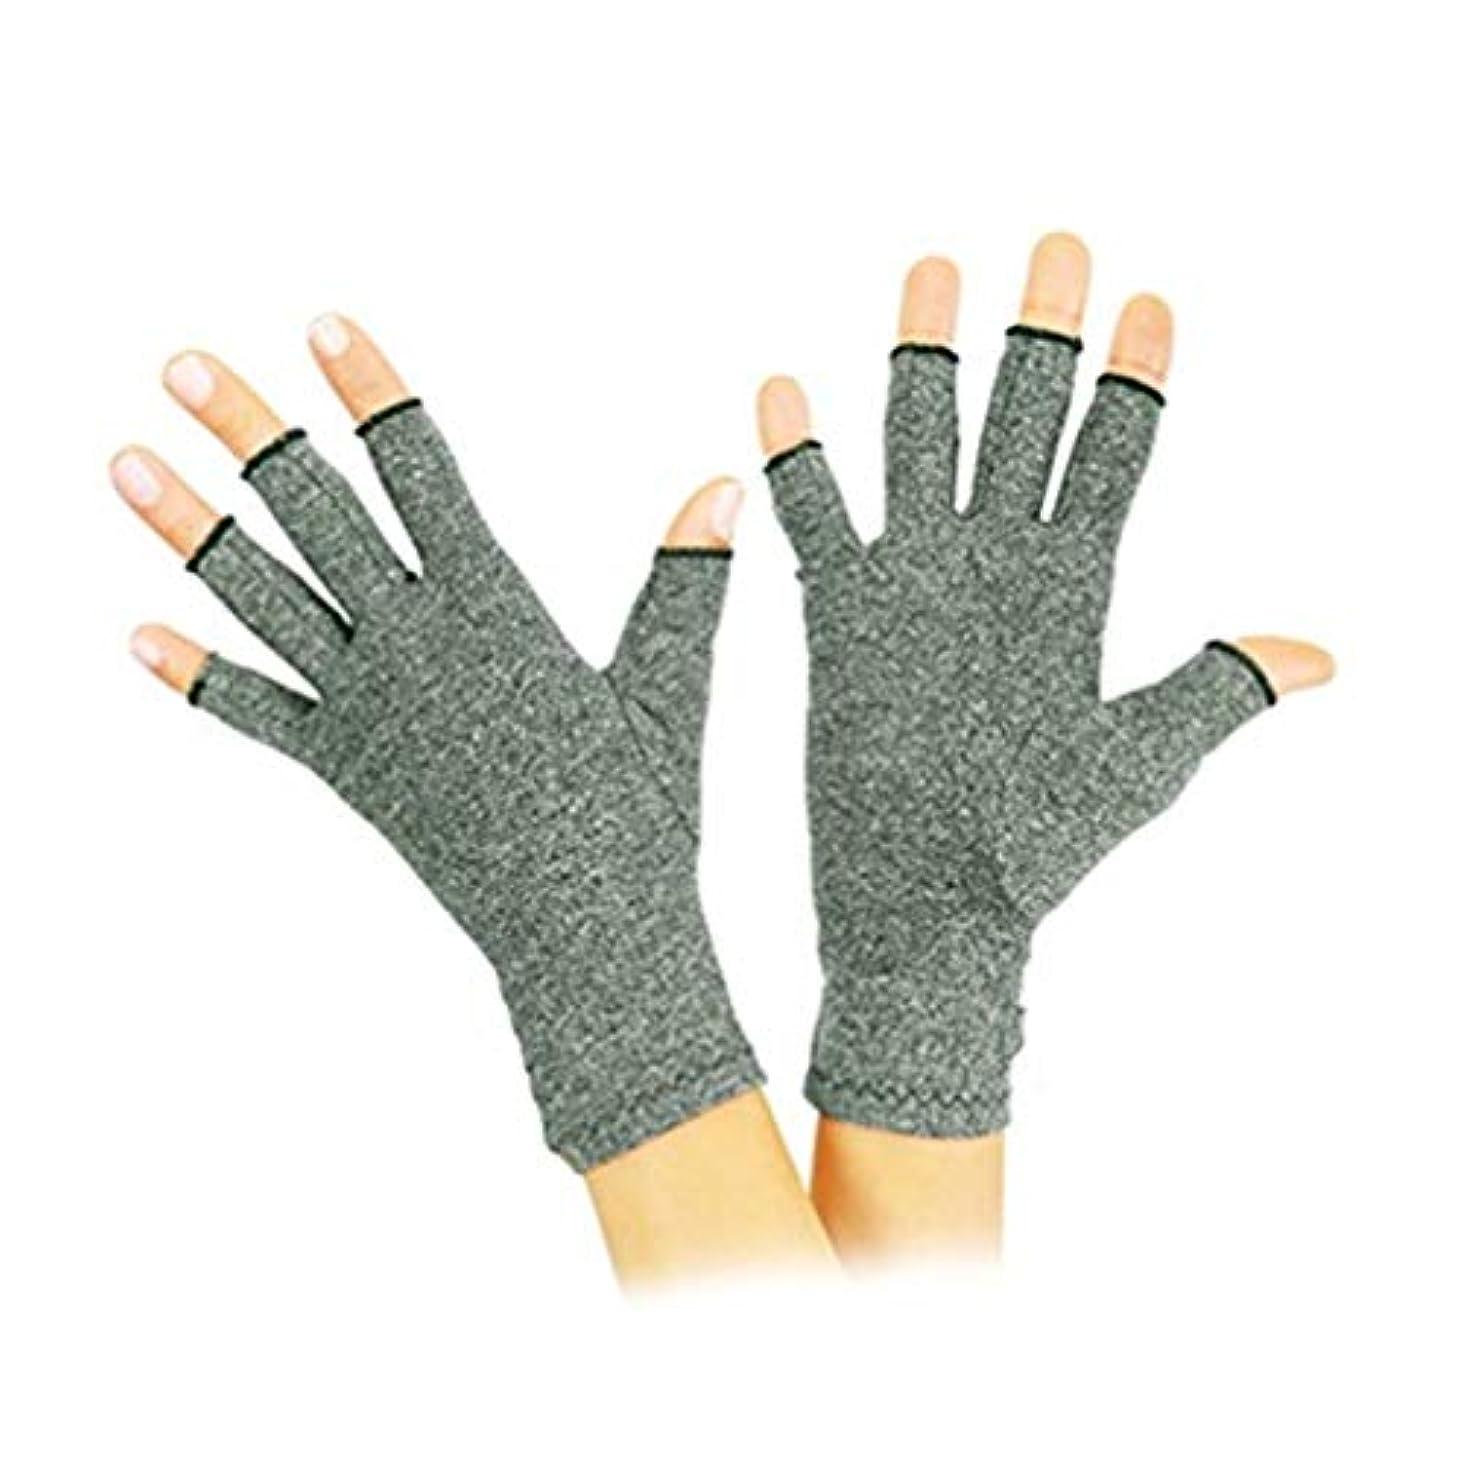 意識小石一掃する関節リウマチリウマチ性変形性関節症用手袋圧縮手袋コンピュータ入力用痛み緩和